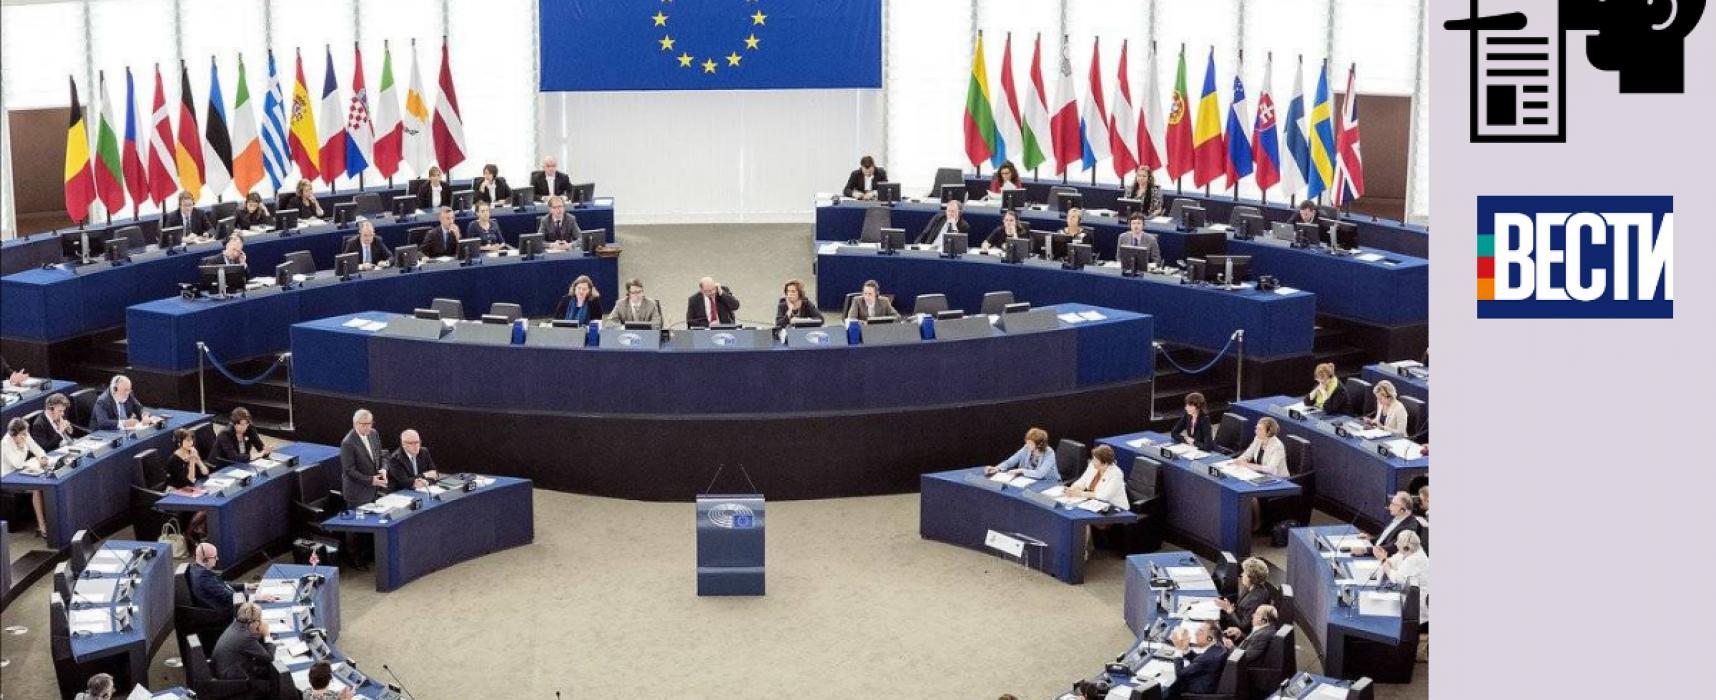 Фейк «Вестей»: Європарламент угледів у Молдові «втрату ознак державного устрою» і не розкритикував лише Додона